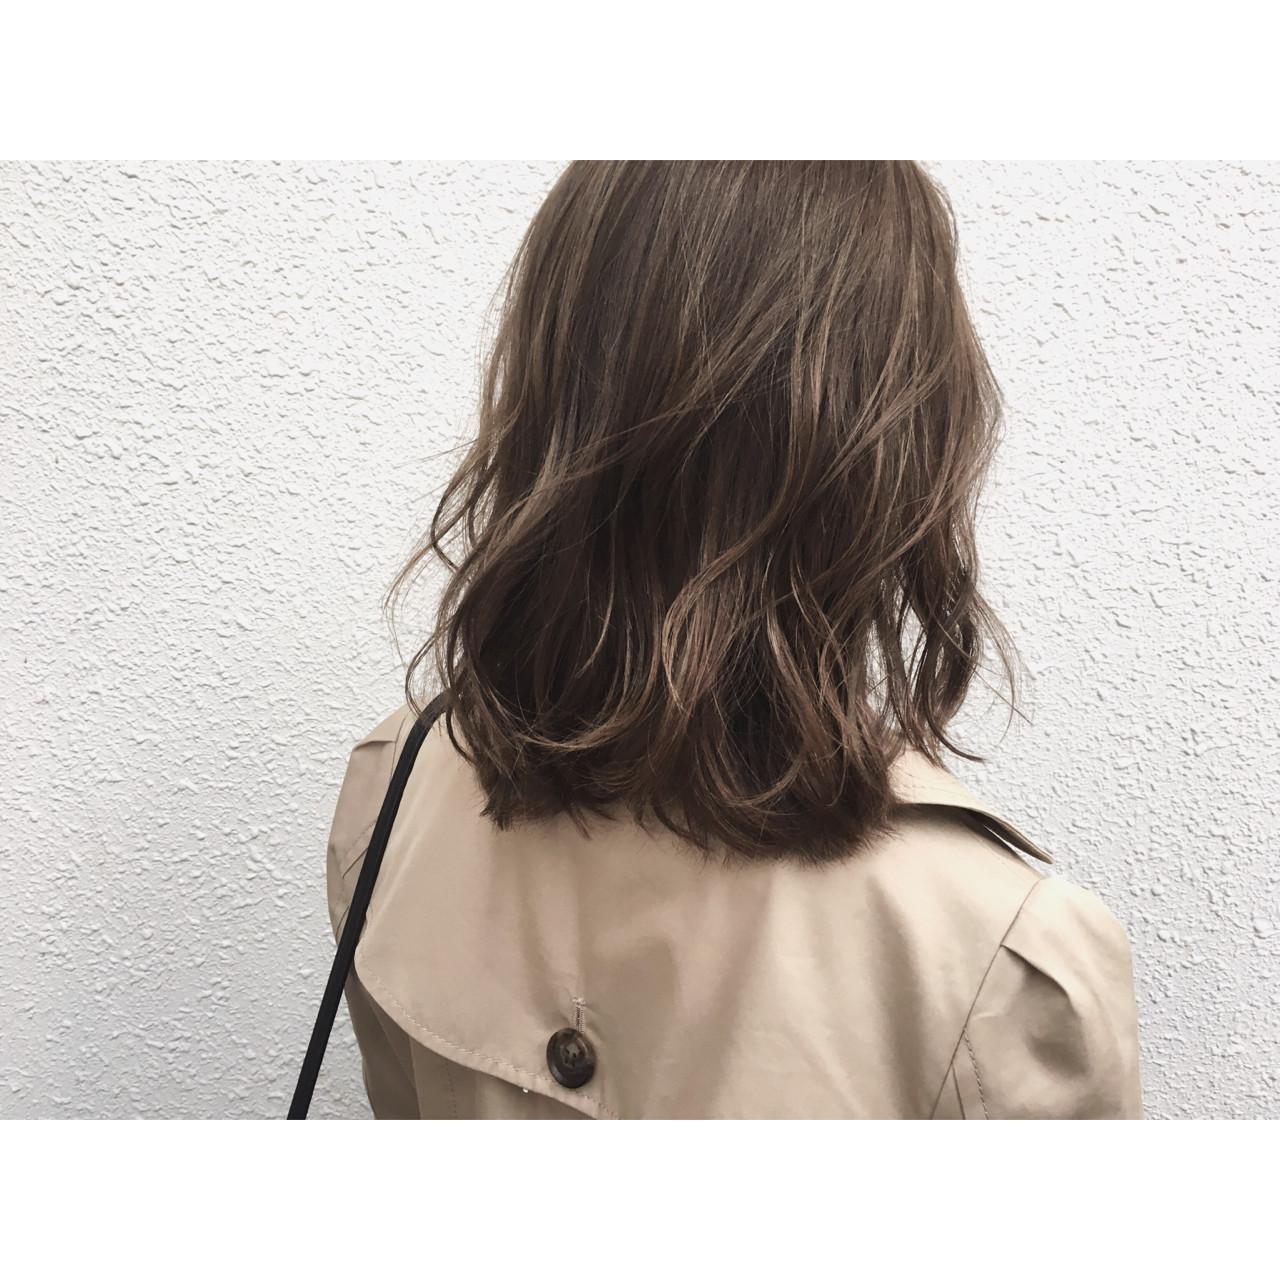 ウェットヘア ハイライト アッシュ ナチュラルヘアスタイルや髪型の写真・画像